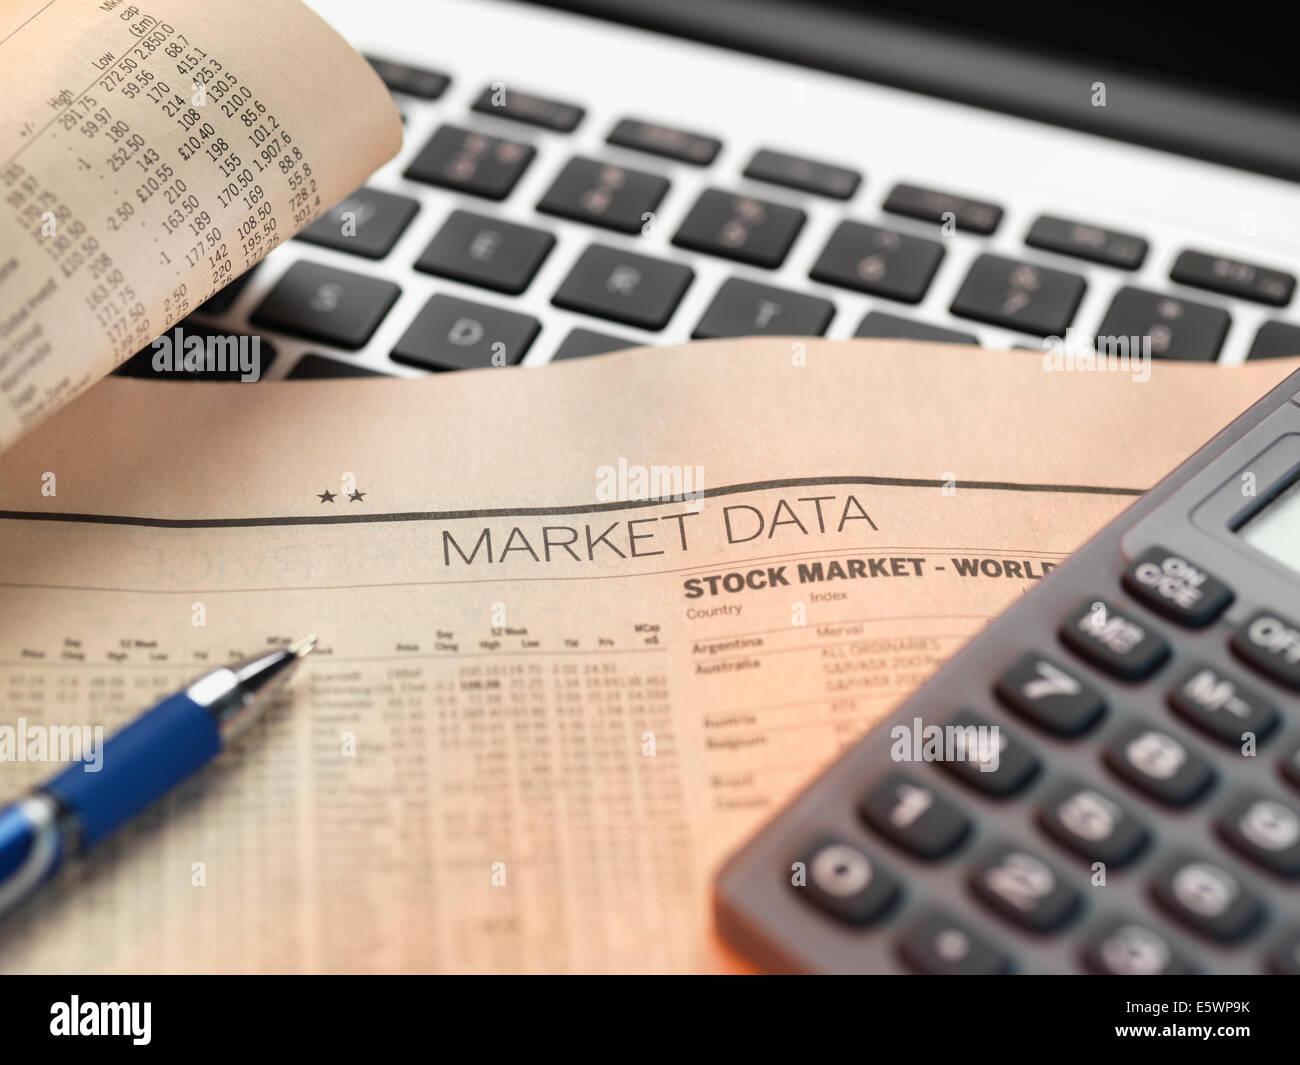 Finanzdienstleistungen, Anzeigen der Finanzmärkte zu investieren Stockbild